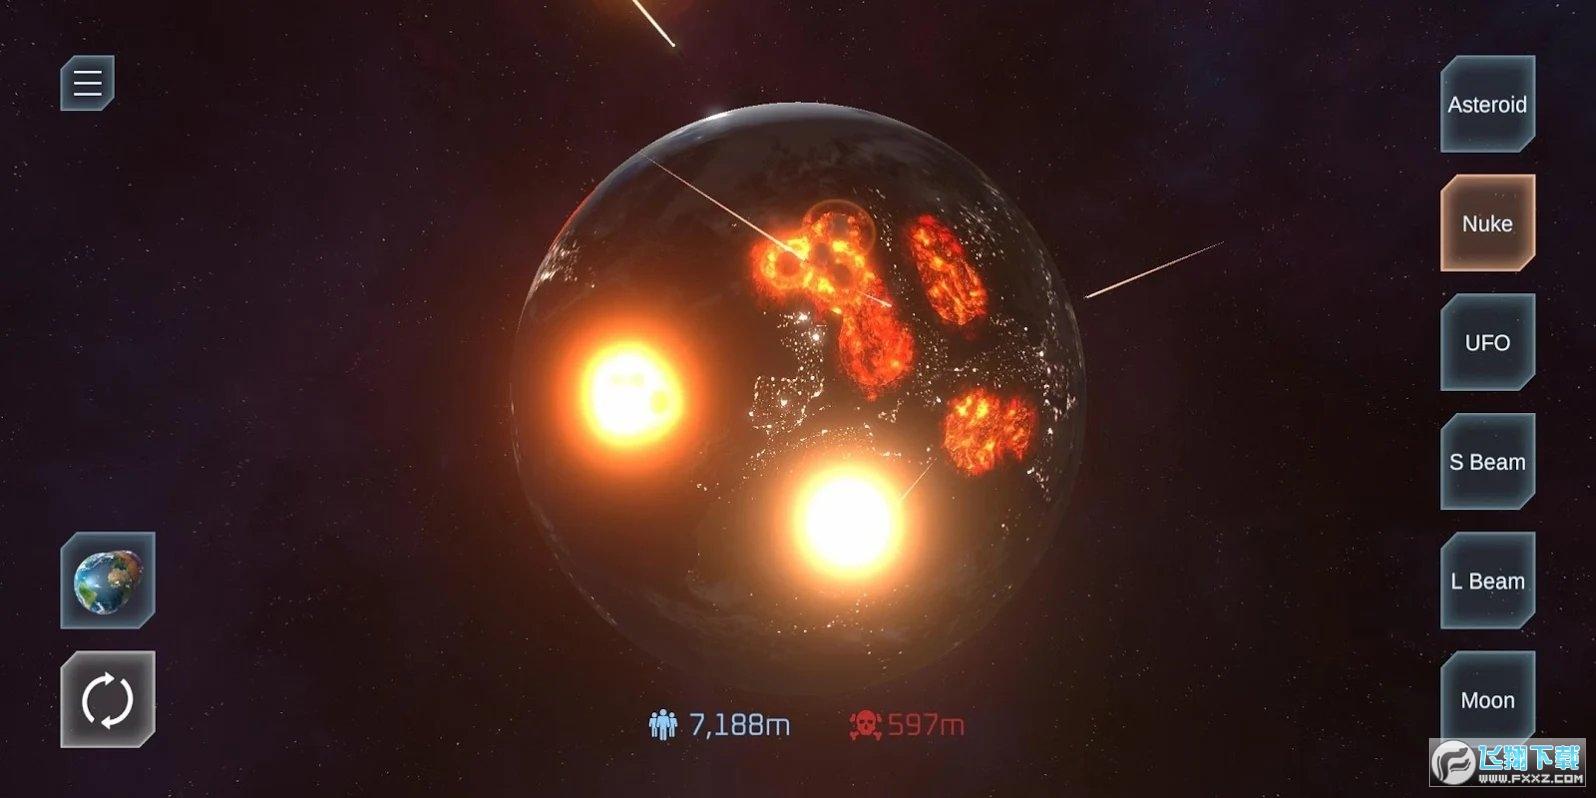 毁灭星球模拟器最新破解版v1.1.0安卓版截图2